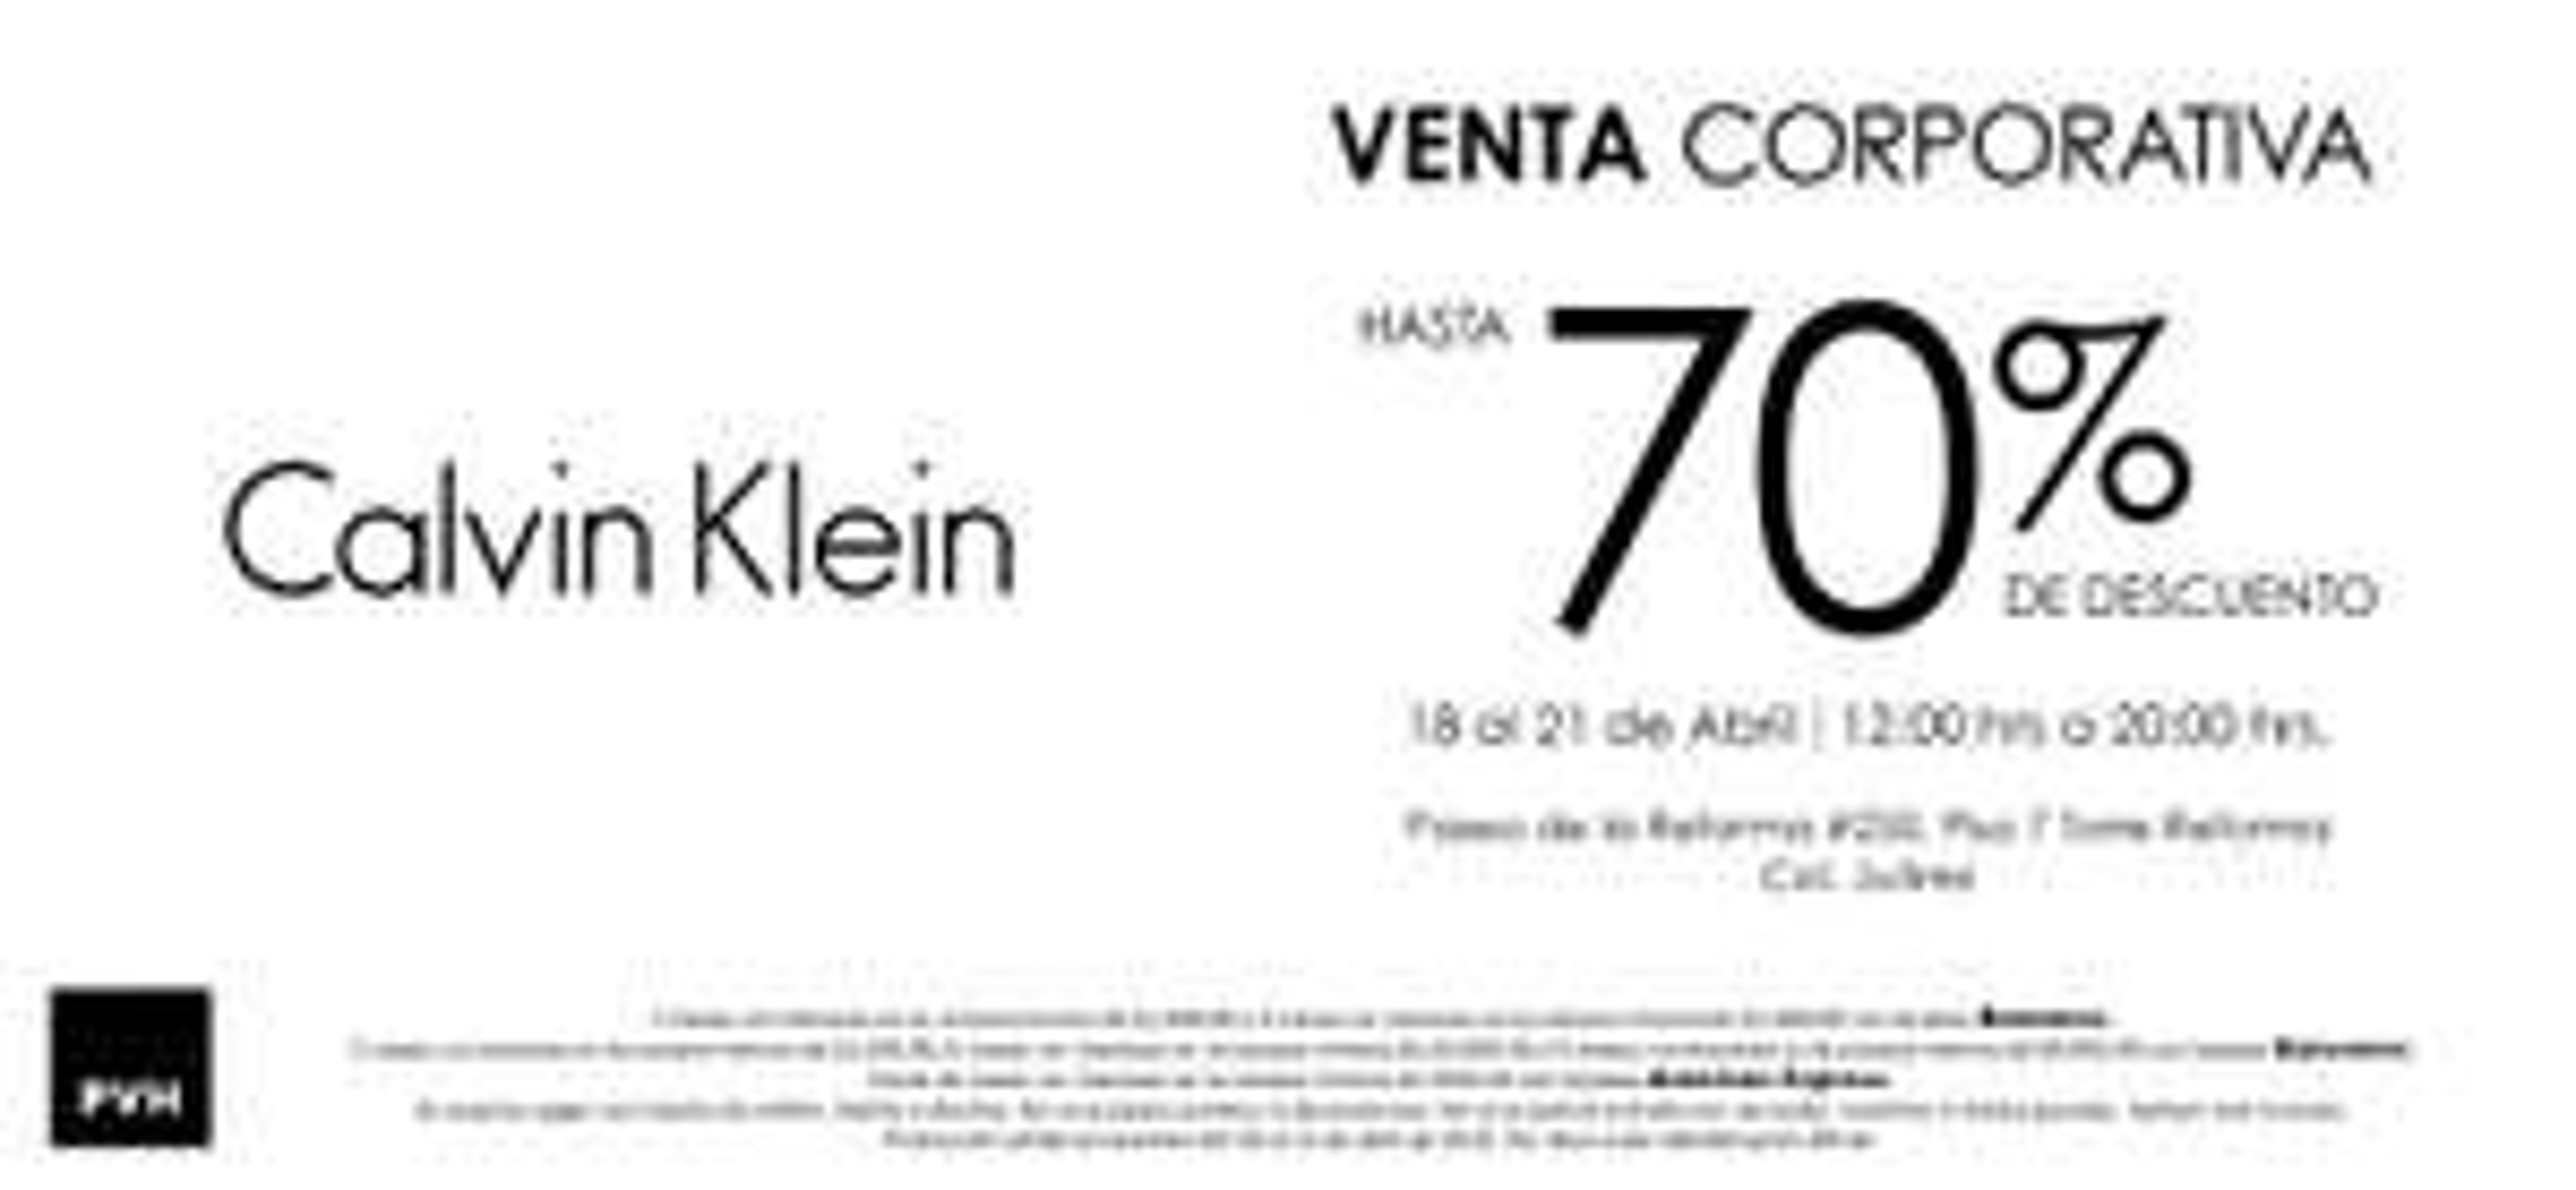 Venta corporativa Calvin Klein del 18 al 21 de abril CDMX